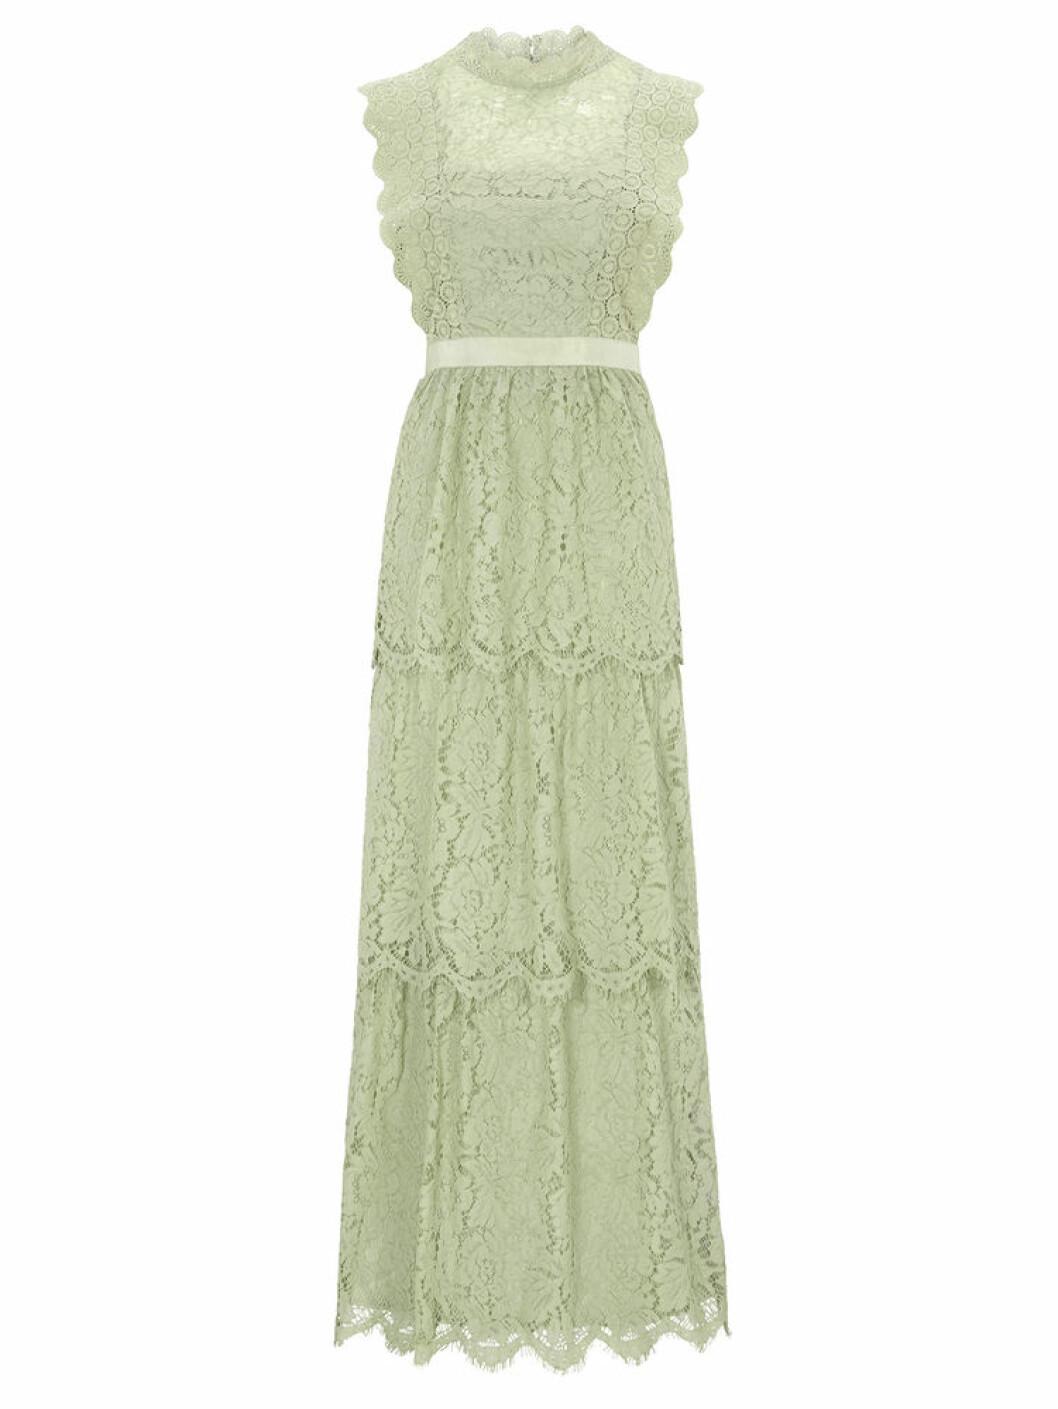 Spetsklänning i maximodell från Bubbleroom